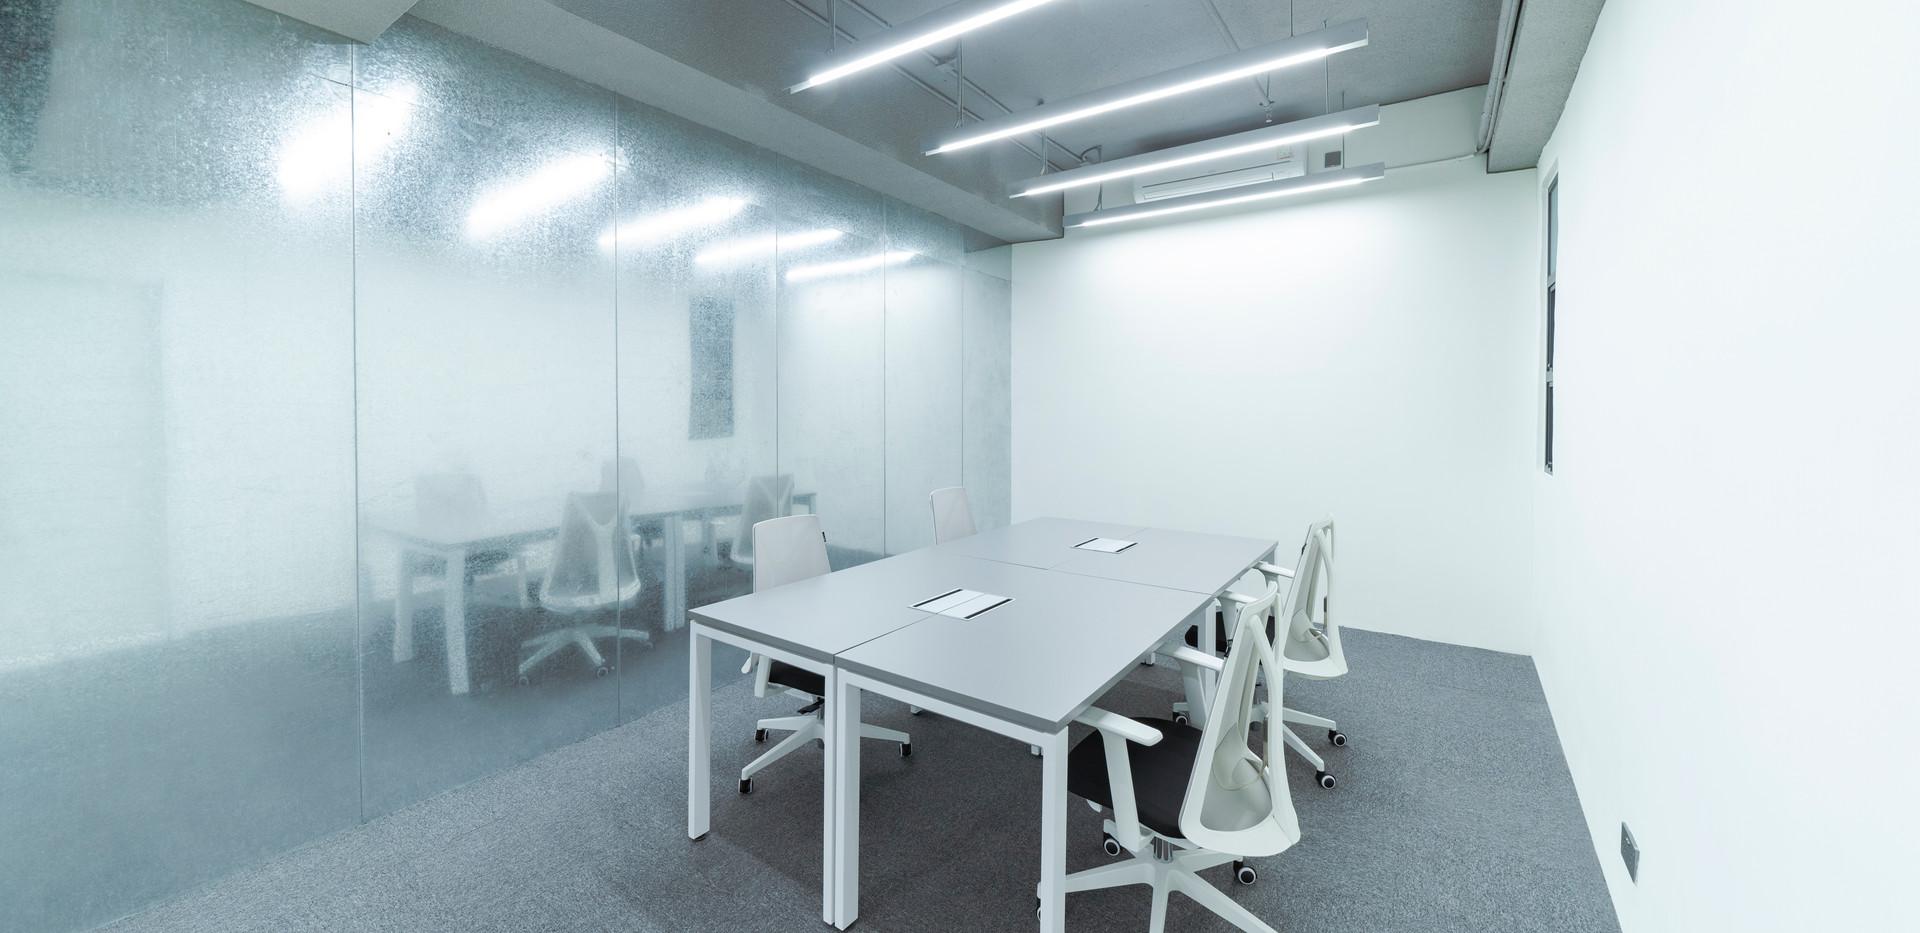 108梁山 Private Office 3